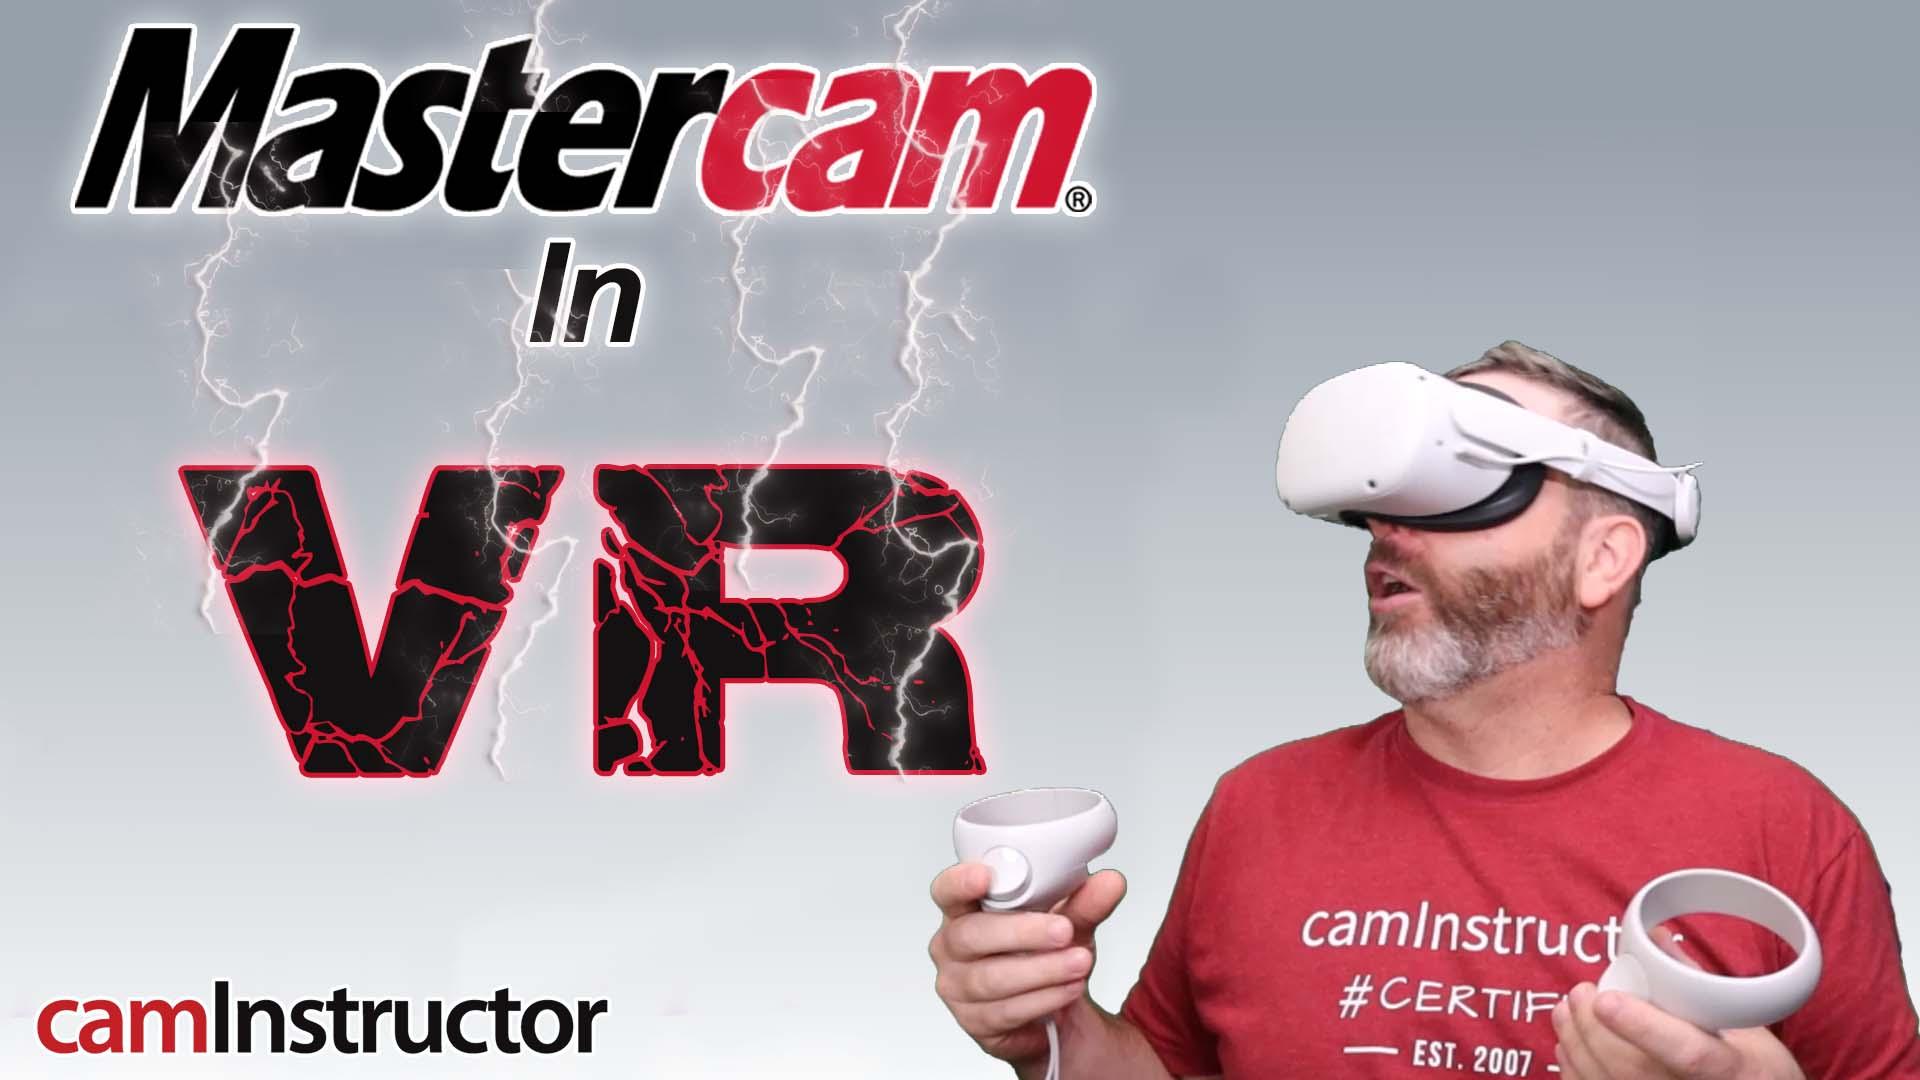 Mastercam in VR